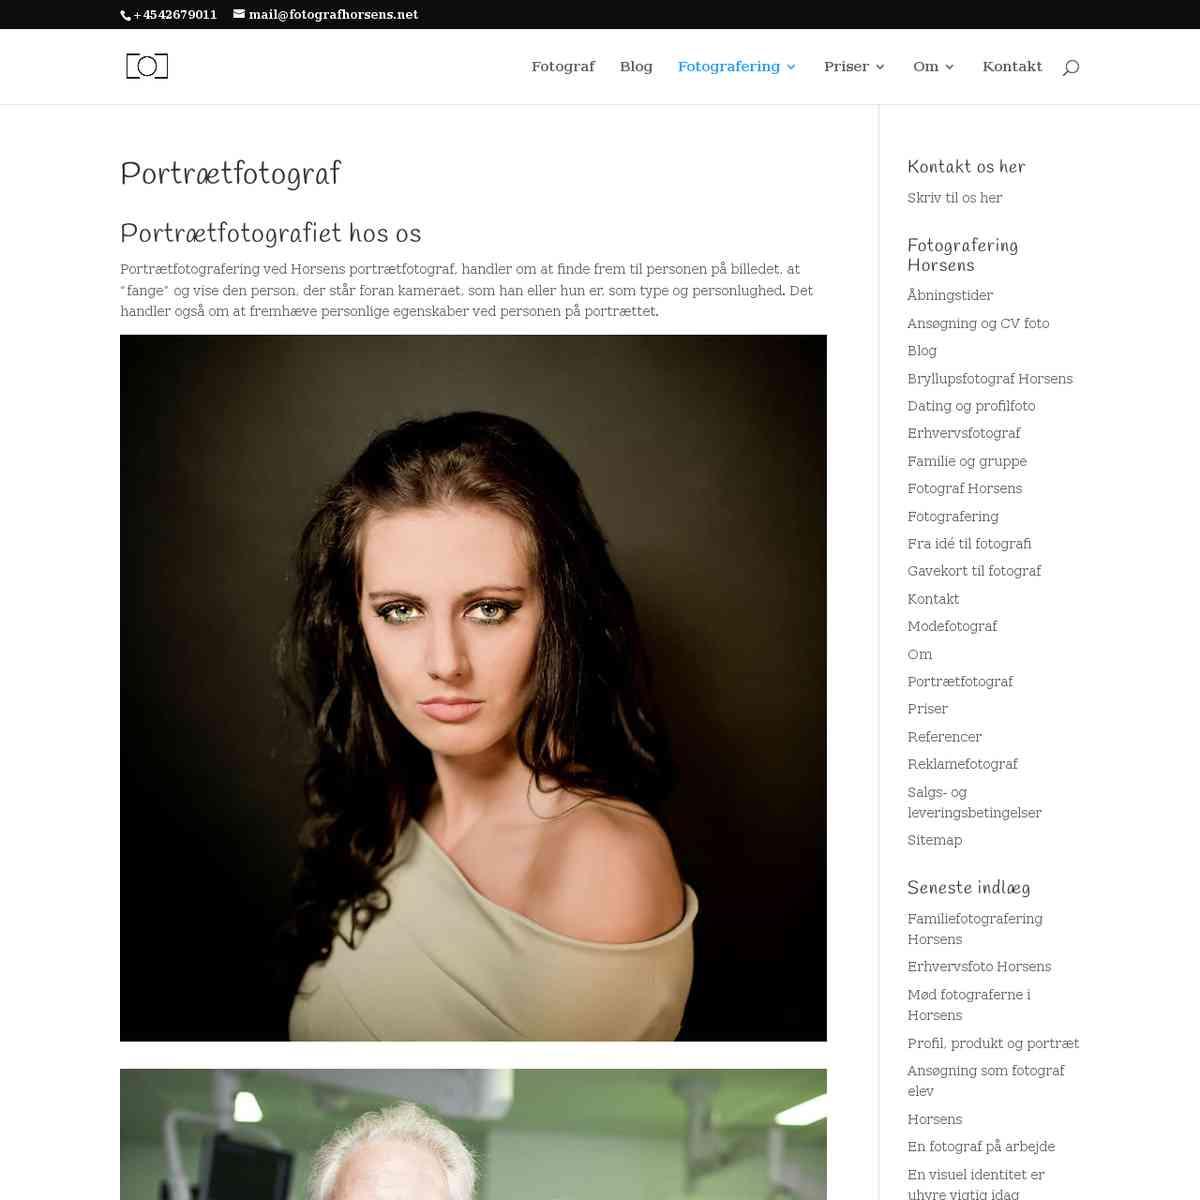 Portrætfotograf